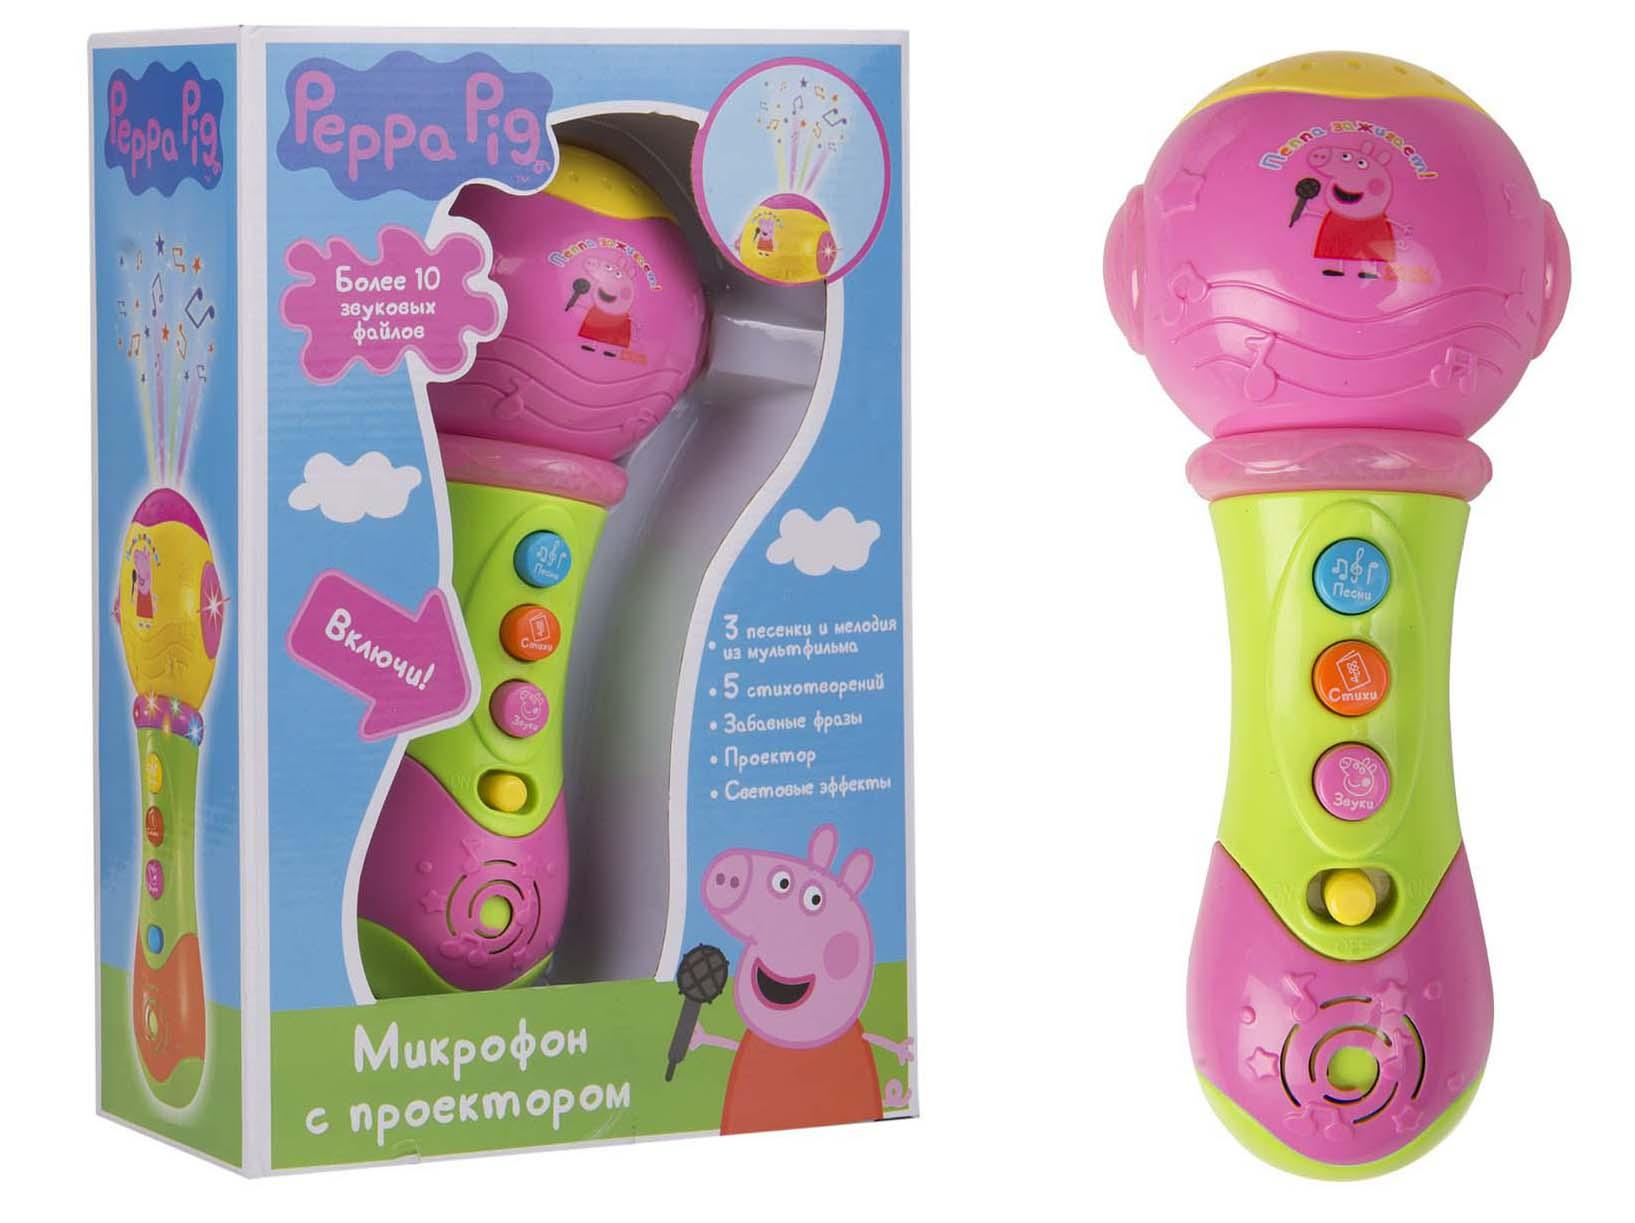 Музыкальный микрофон с проектором – Свинка Пеппа, свет и звукМикрофоны и танцевальные коврики<br>Музыкальный микрофон с проектором – Свинка Пеппа, свет и звук<br>